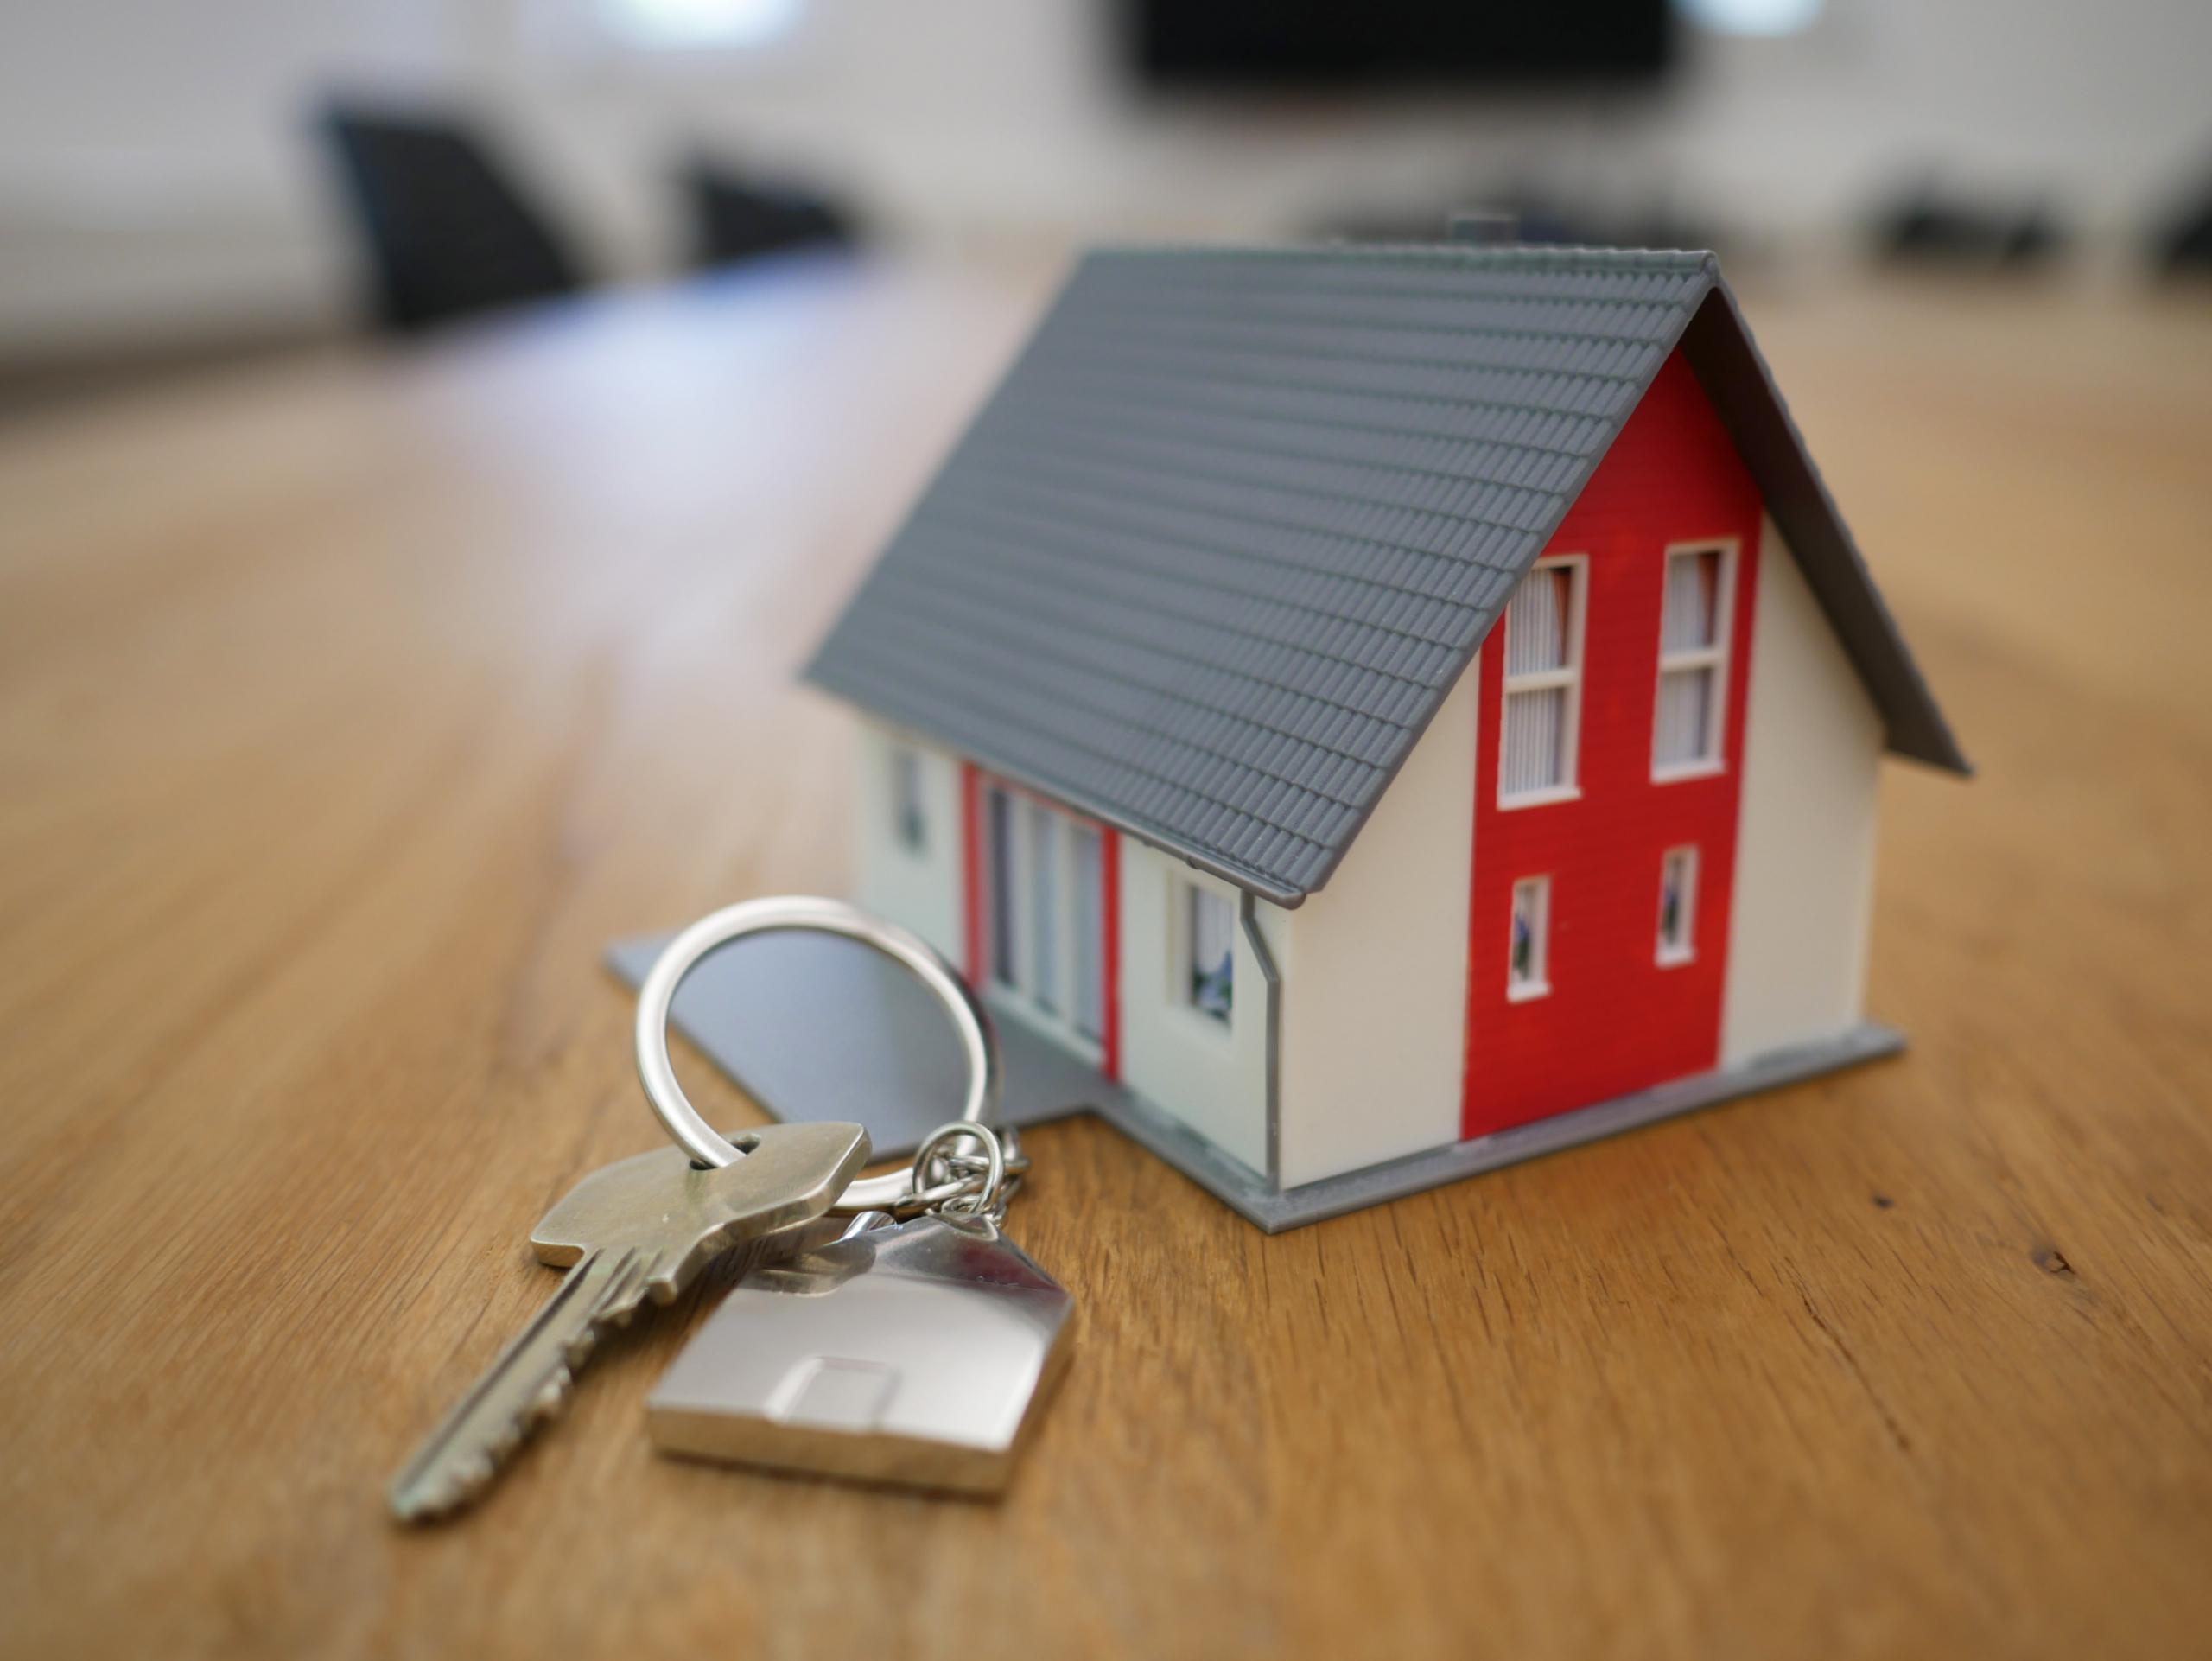 Khawatir Dengan Maraknya Penipuan Berikut Cara Membeli Rumah Dengan Aman